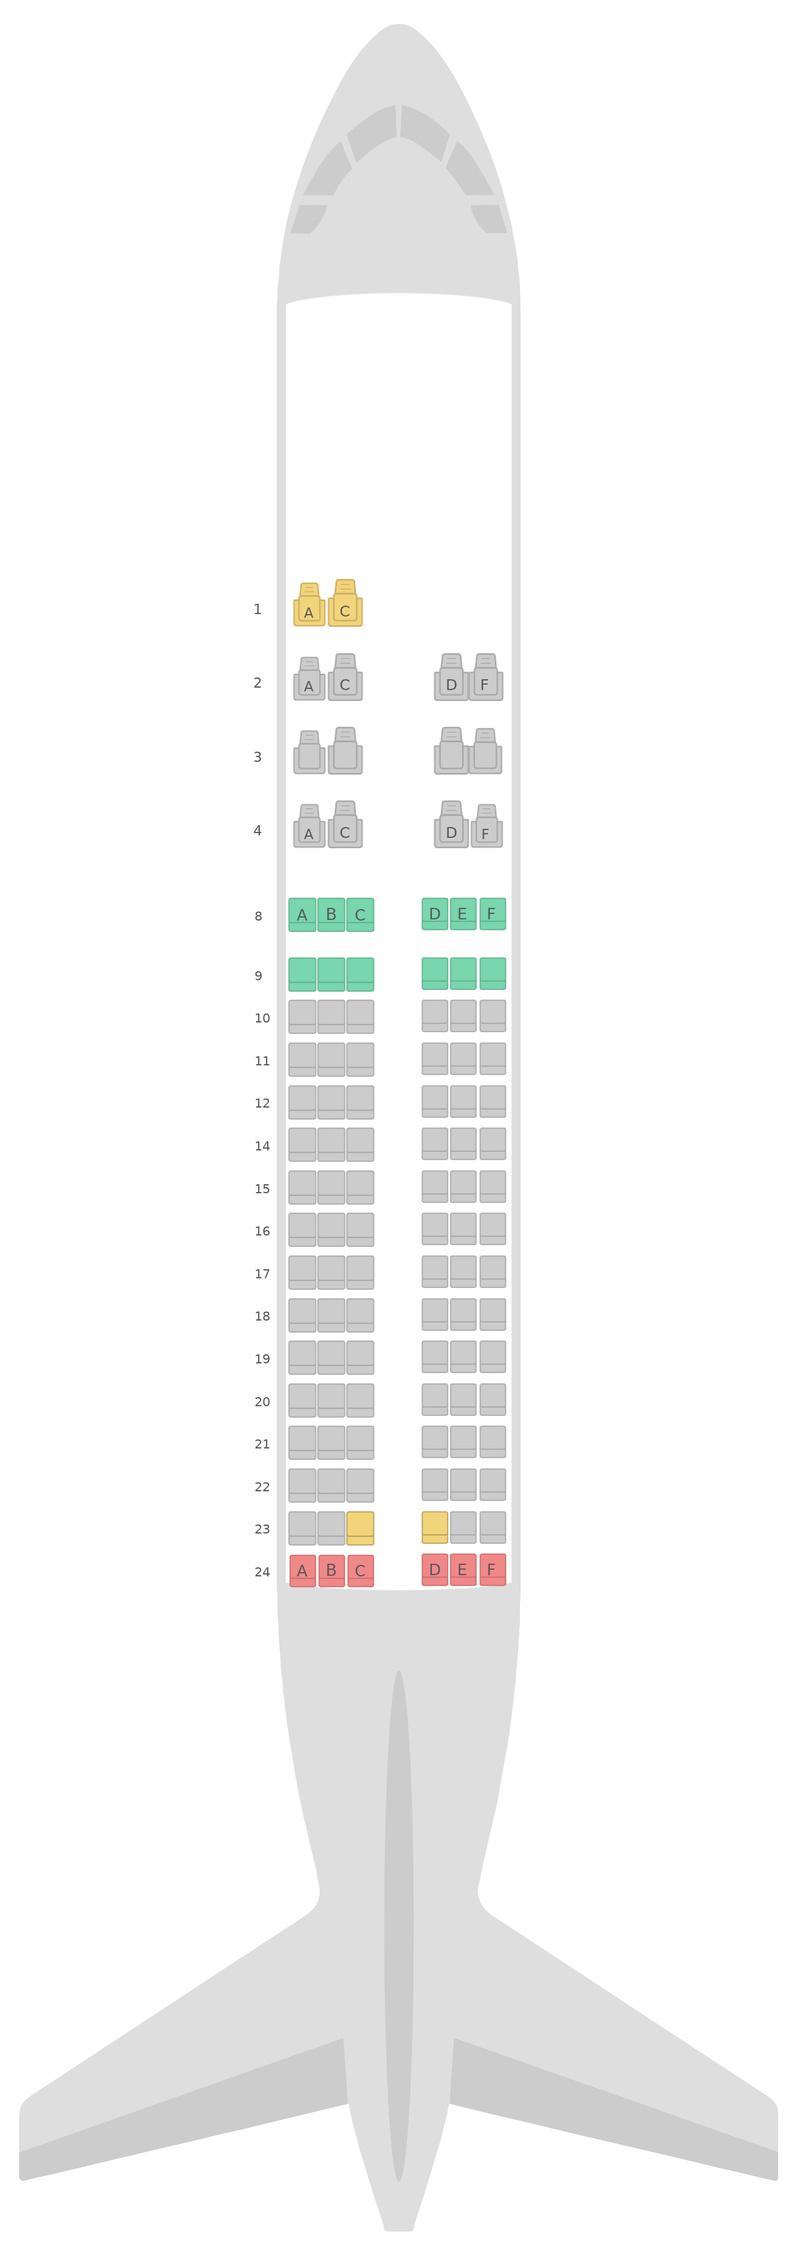 Mapa de asientos Airbus A320 v2 Gulf Air